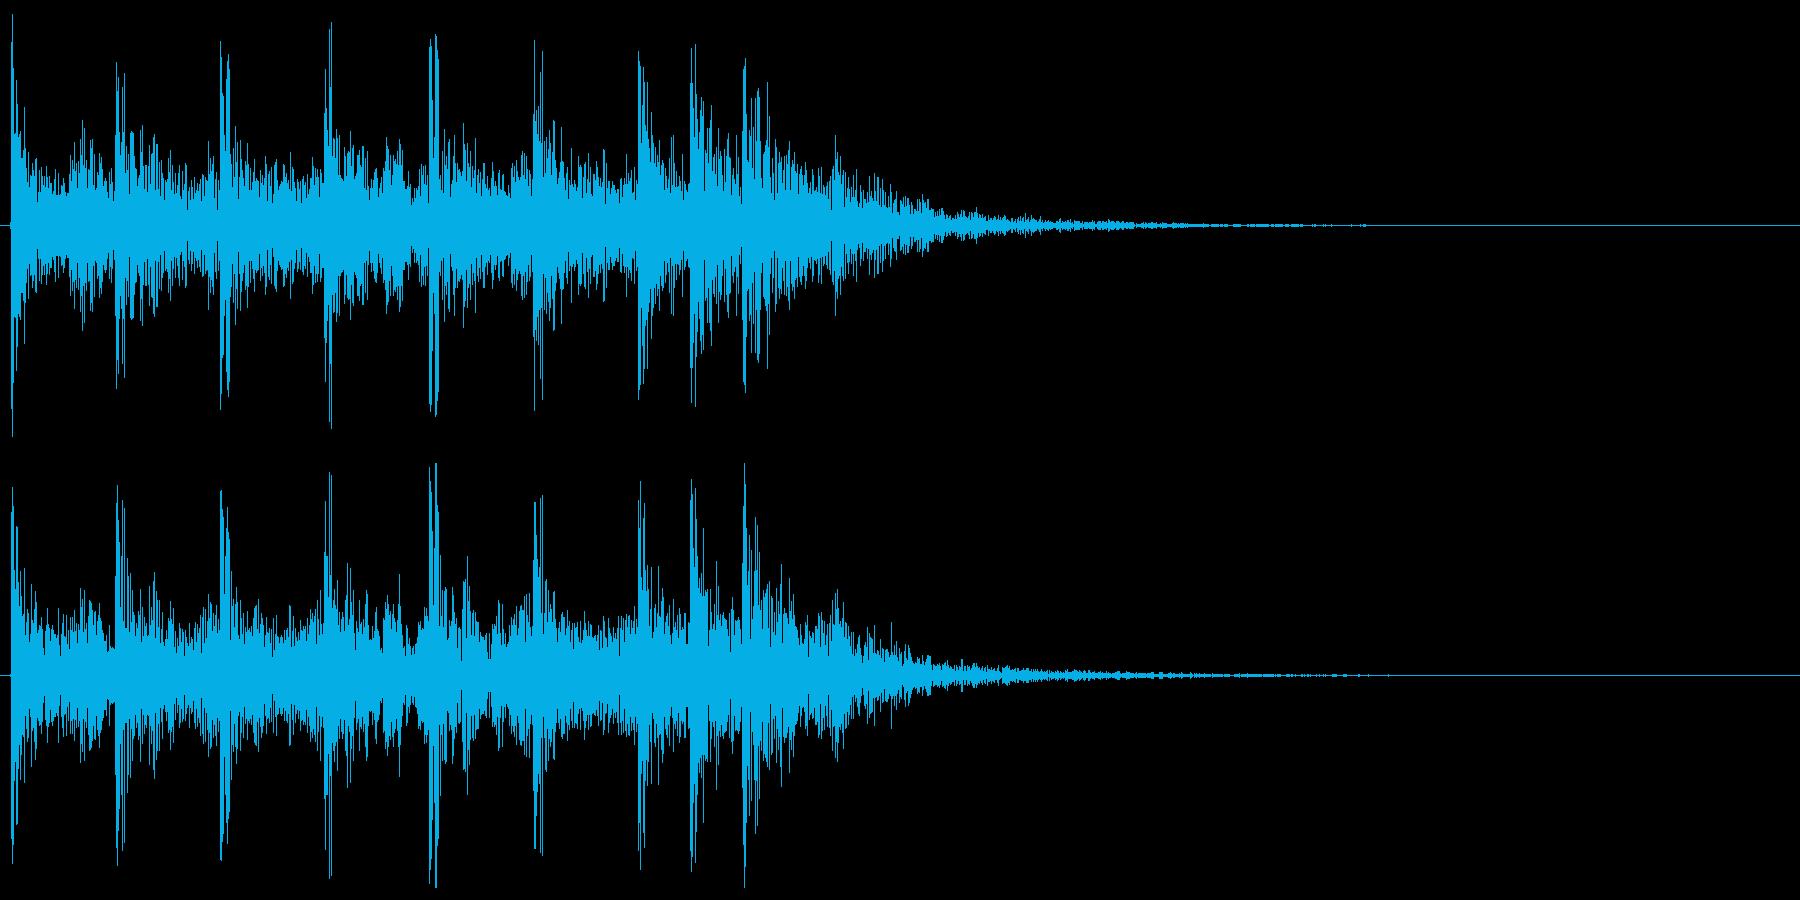 ティンパニ、打楽器の場面転換 クリアの再生済みの波形